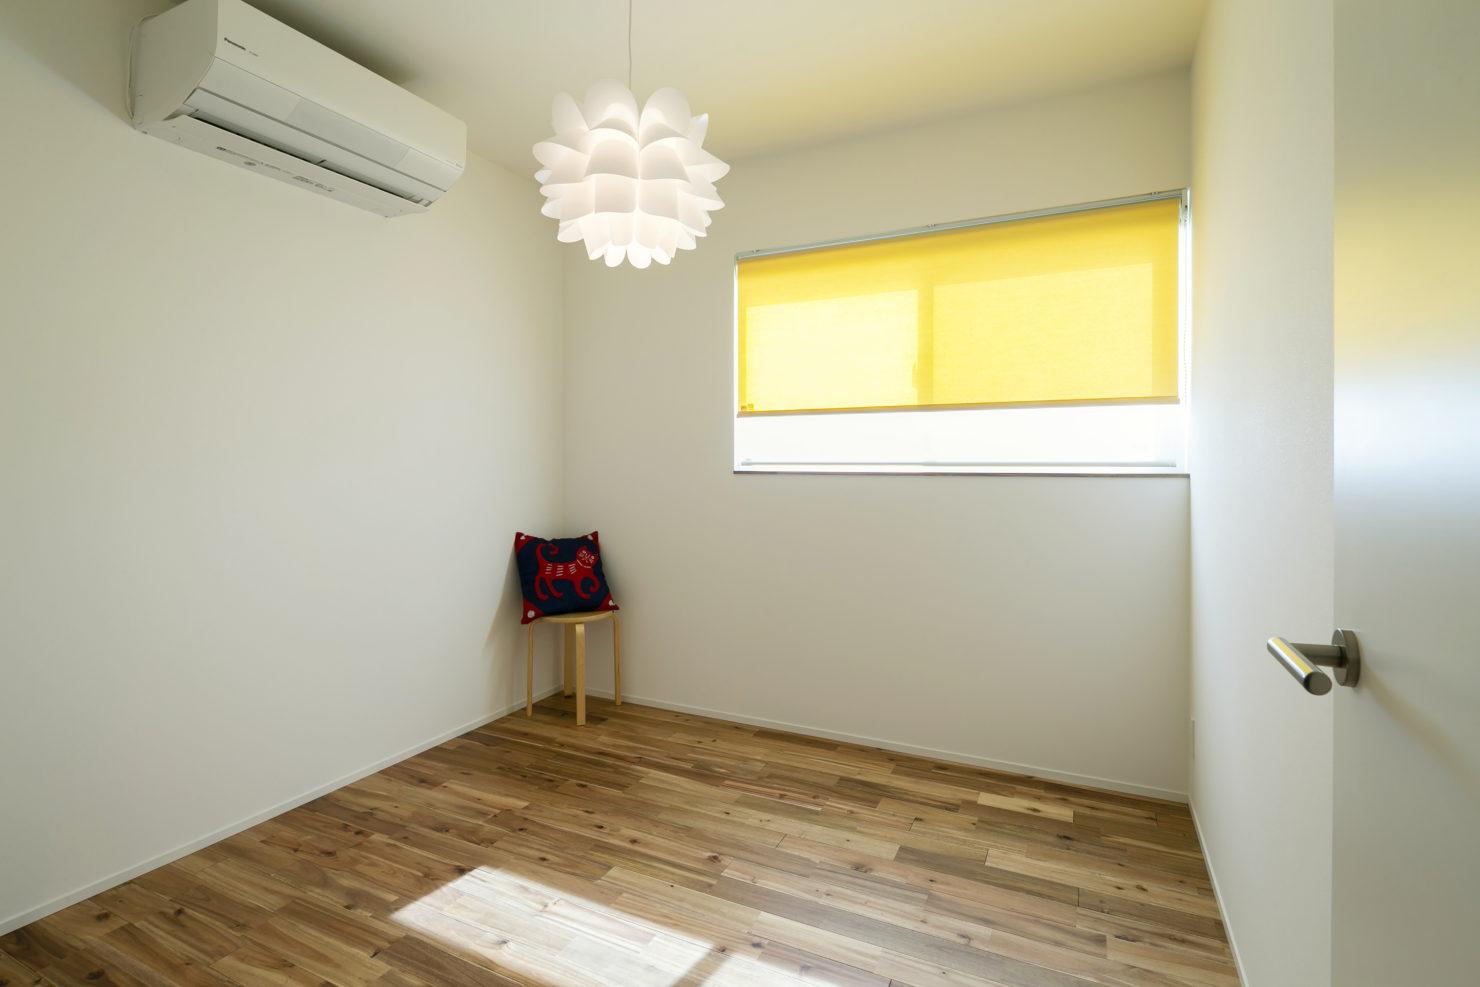 ハウスM21+archi「周囲との関係性・持続性のあるデザイン」子供室写真